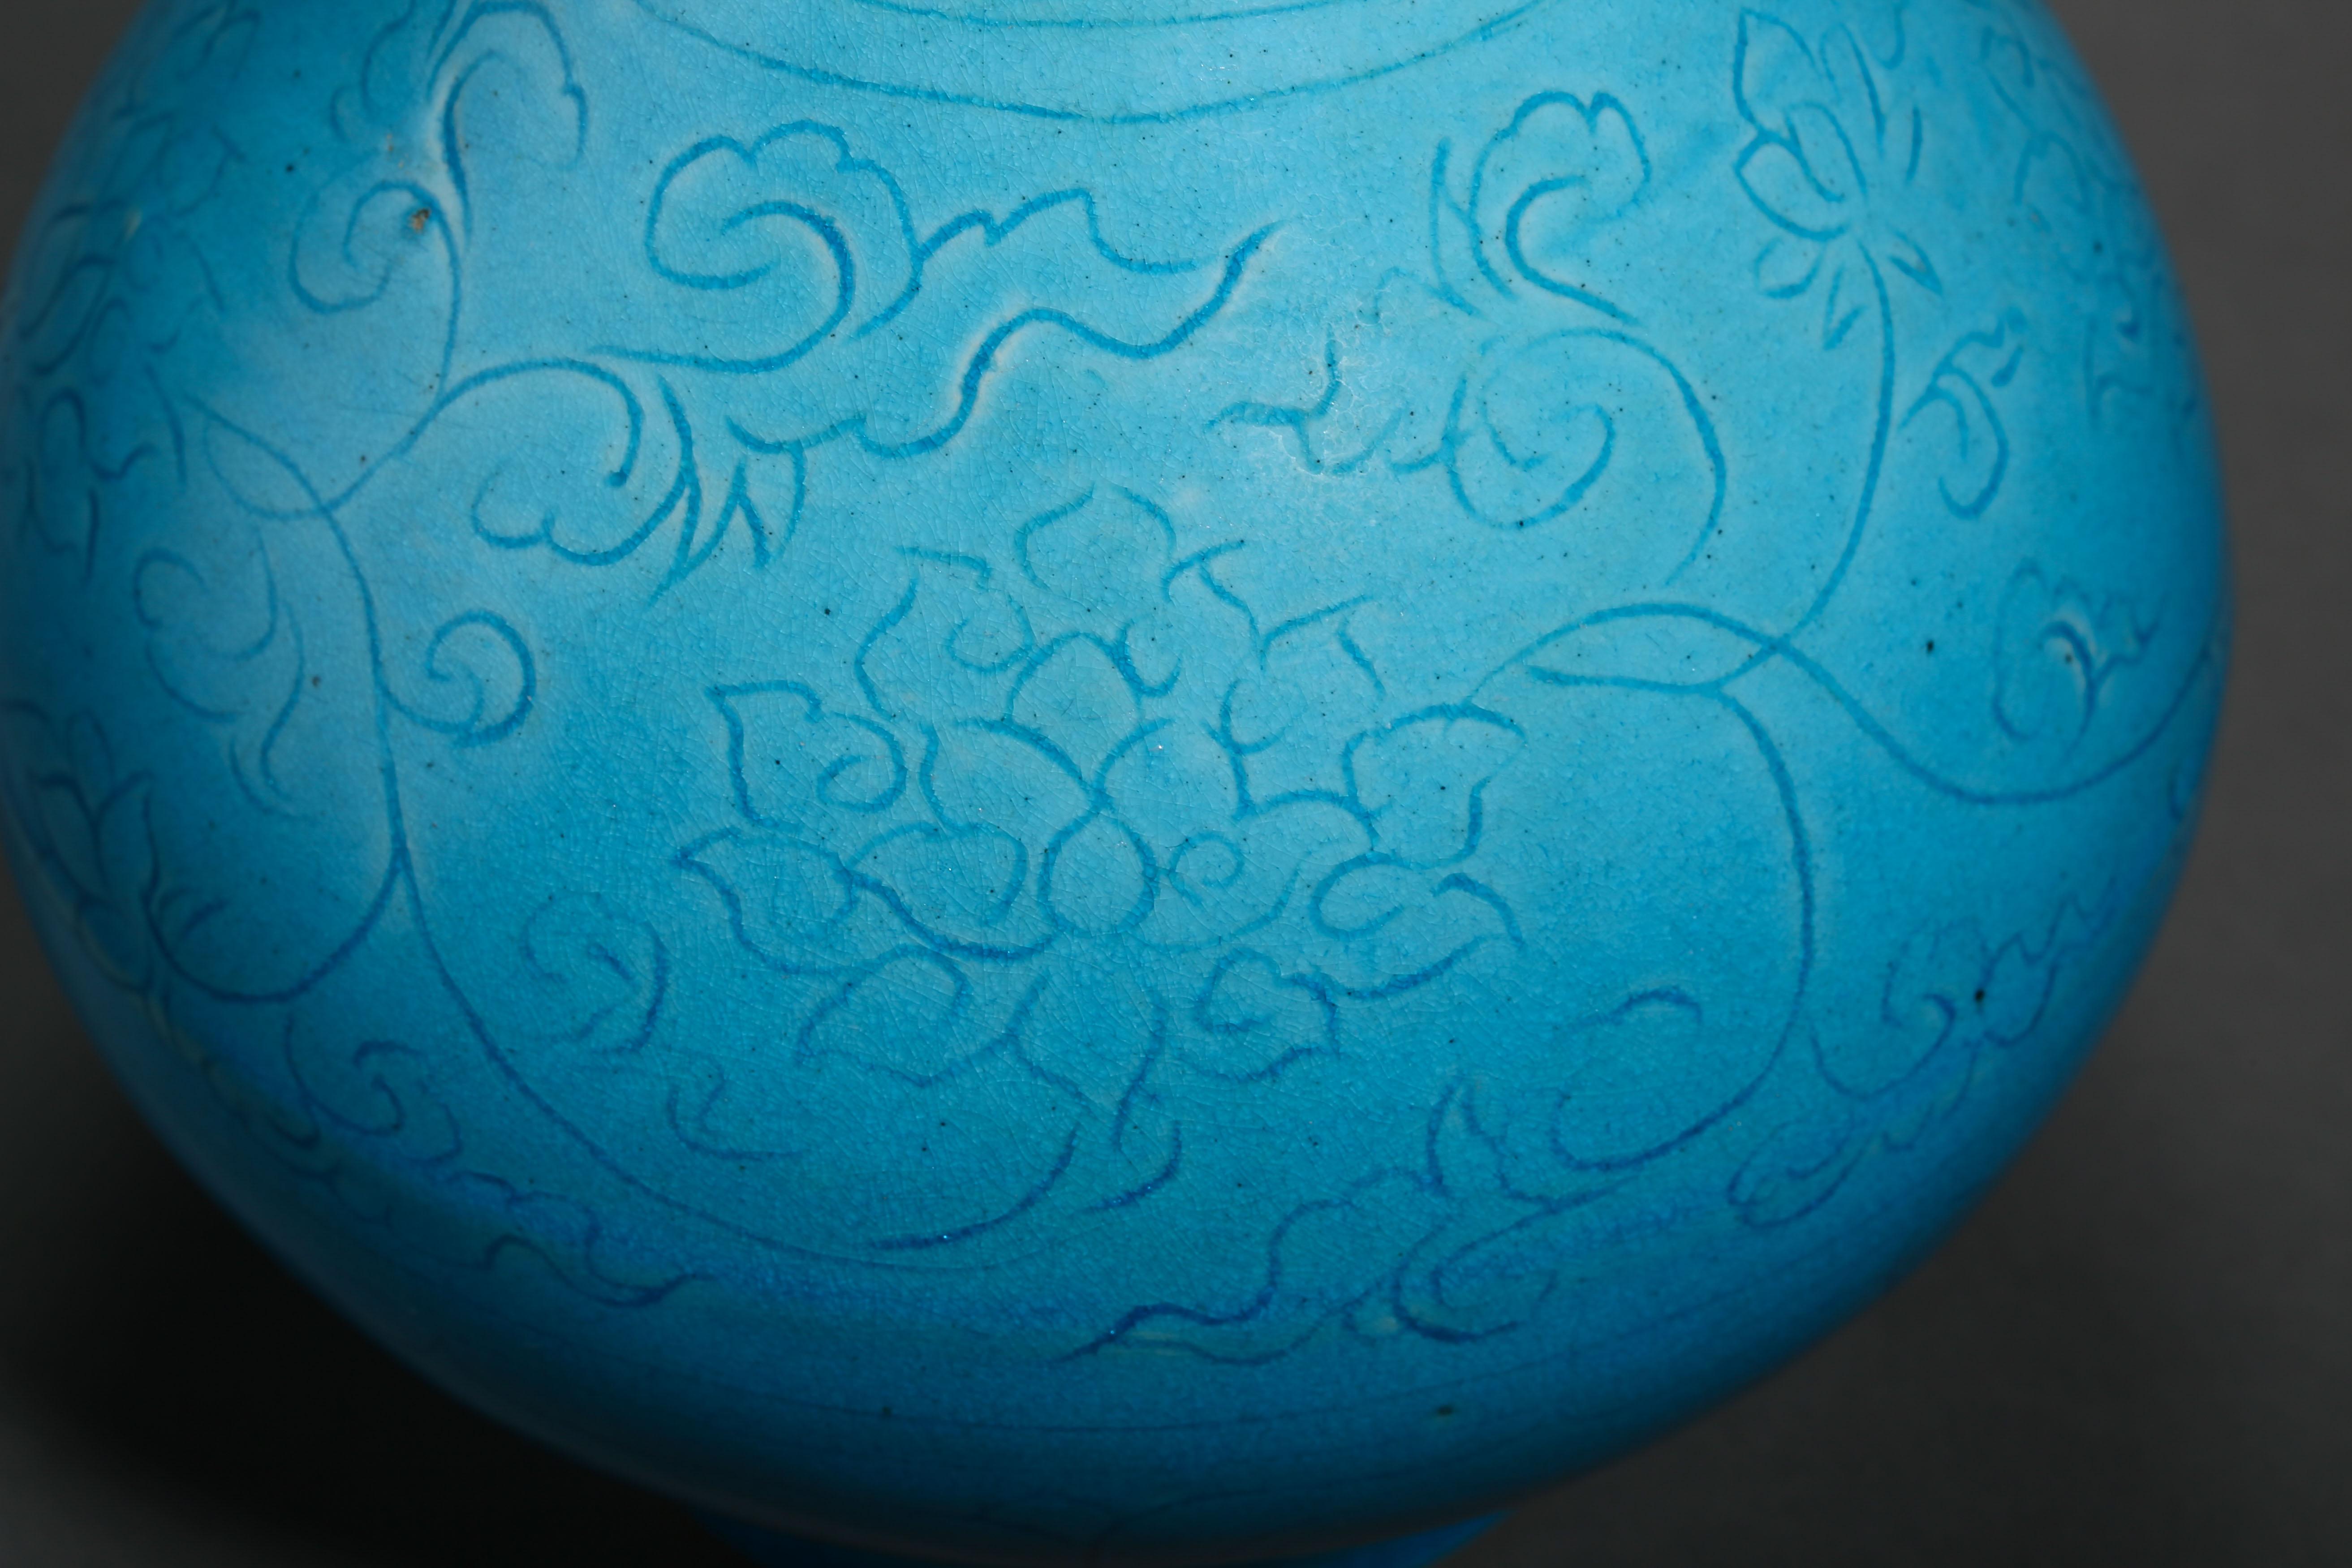 BLUE GLAZED POT, QING DYNASTY, CHINA - Image 5 of 8